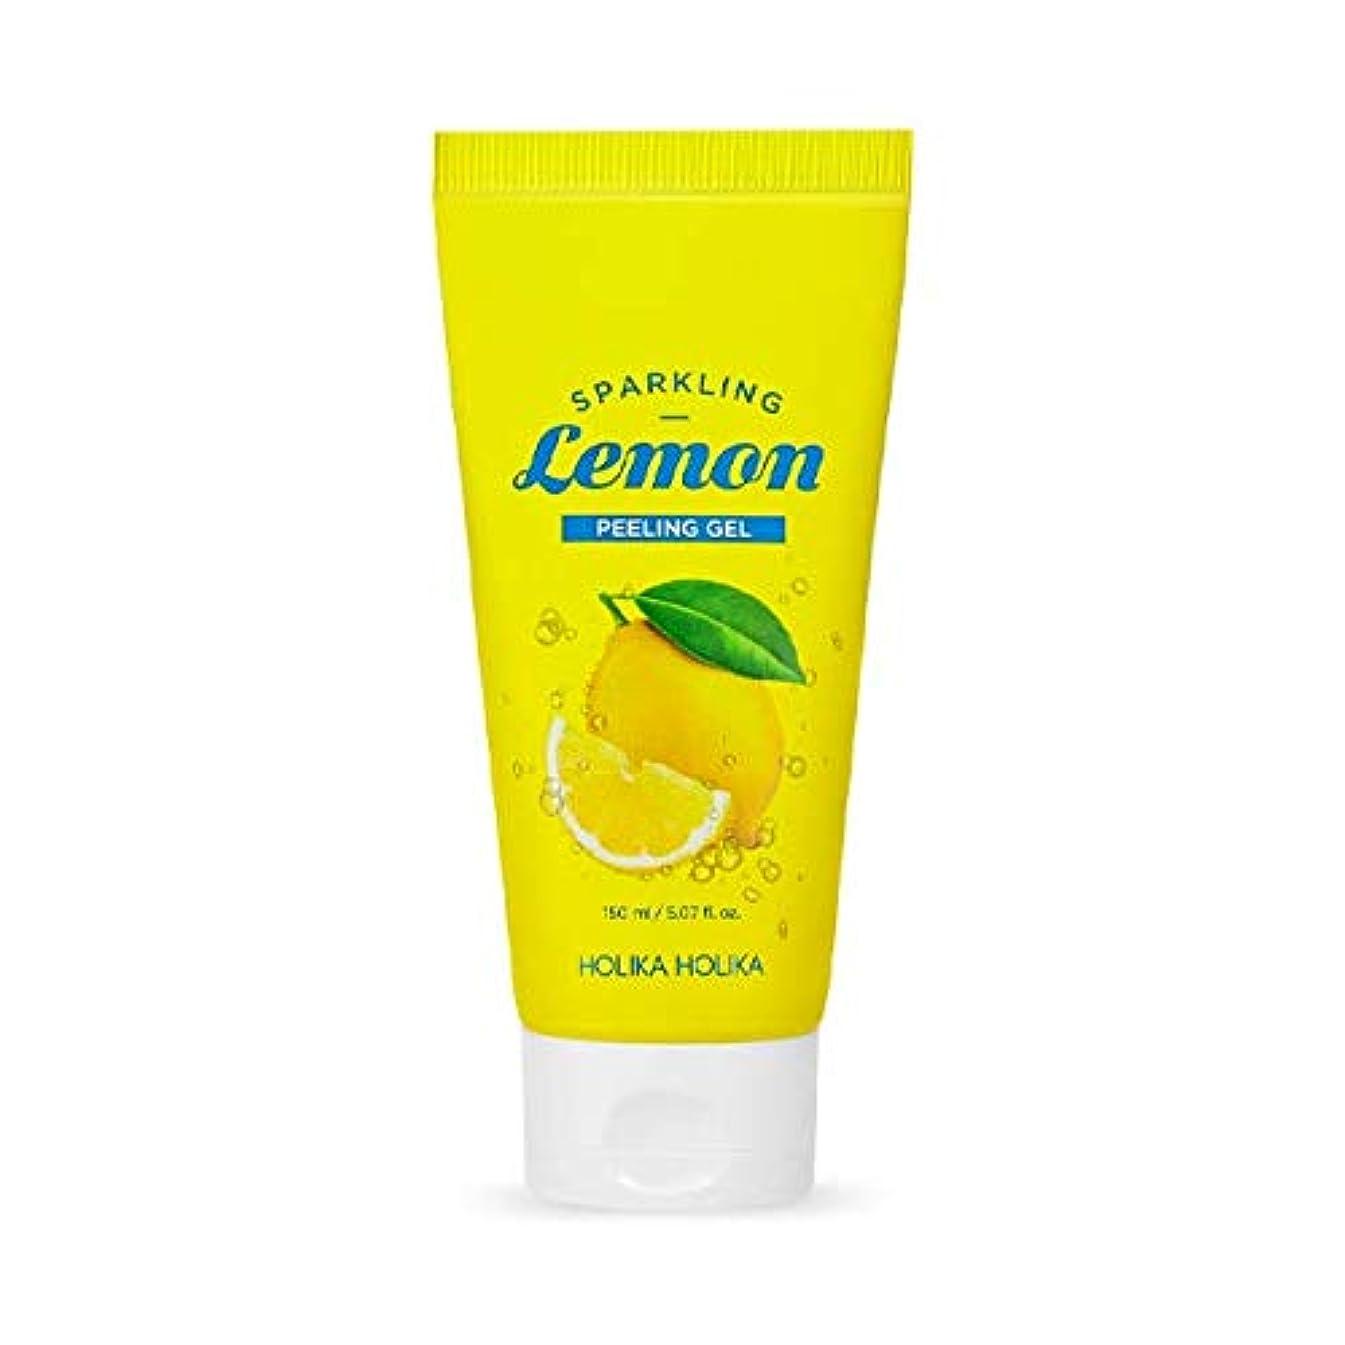 休日壁紙戸棚ホリカホリカ 炭酸レモンピーリングジェル/HOLIKA Sparkling Lemon Peeling Gel 150ml 韓国コスメ [並行輸入品]